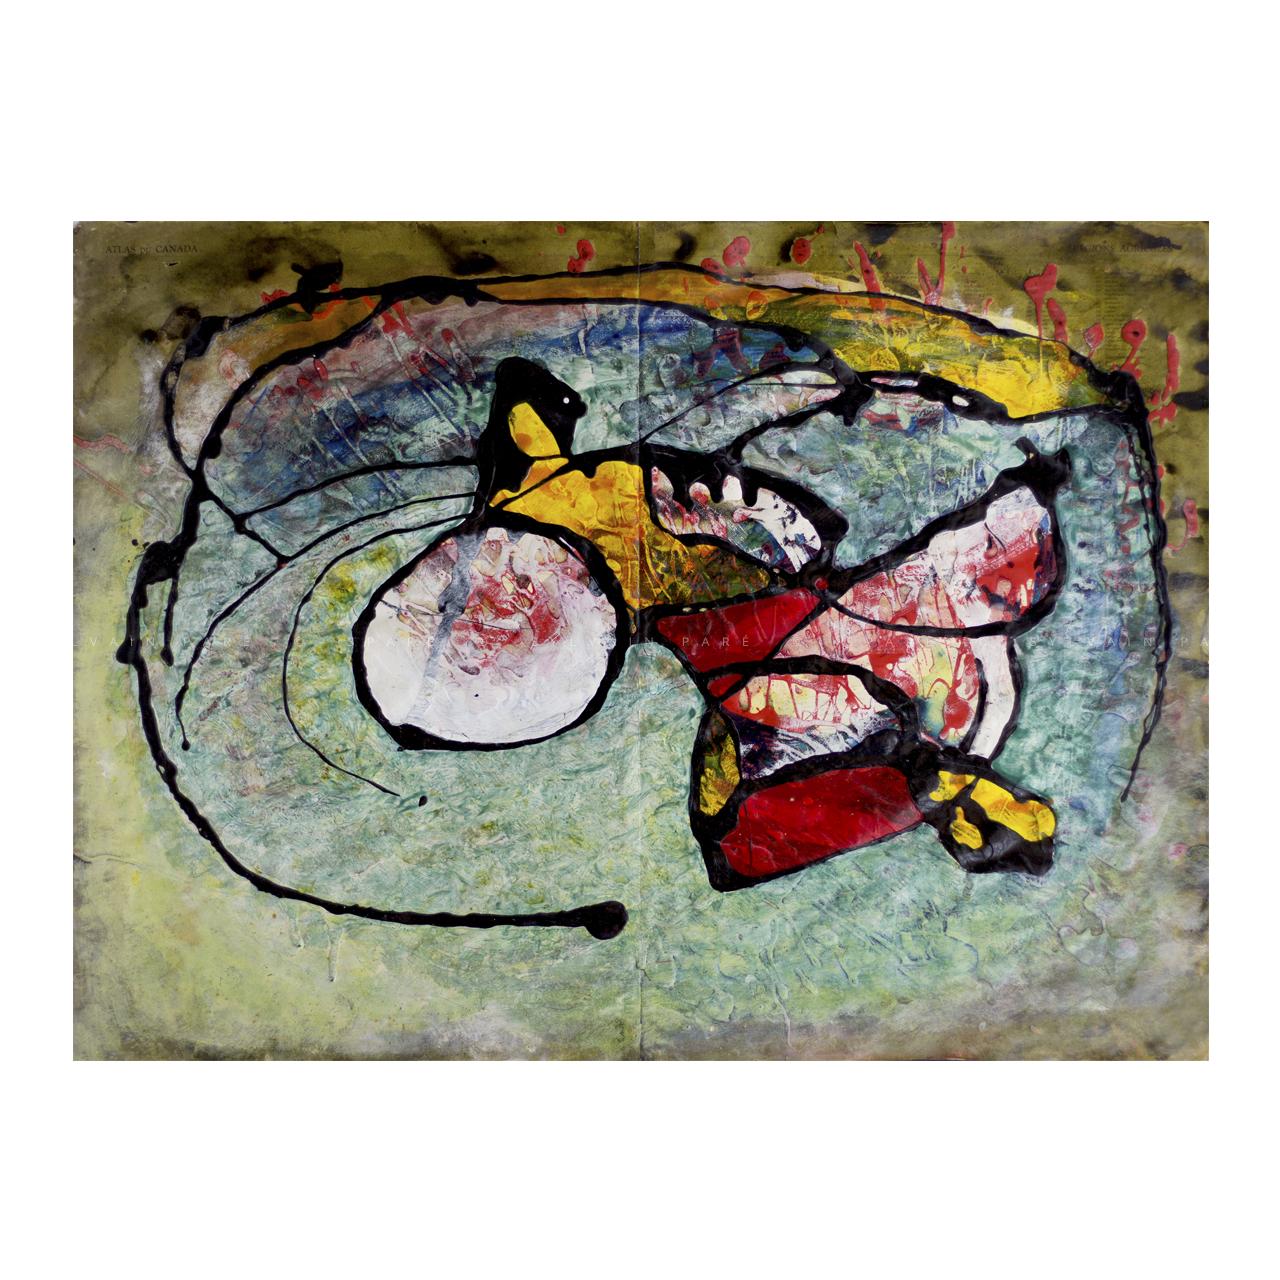 sylvain-pare-spare-artwork-1280x1280_IMG_0310.jpg